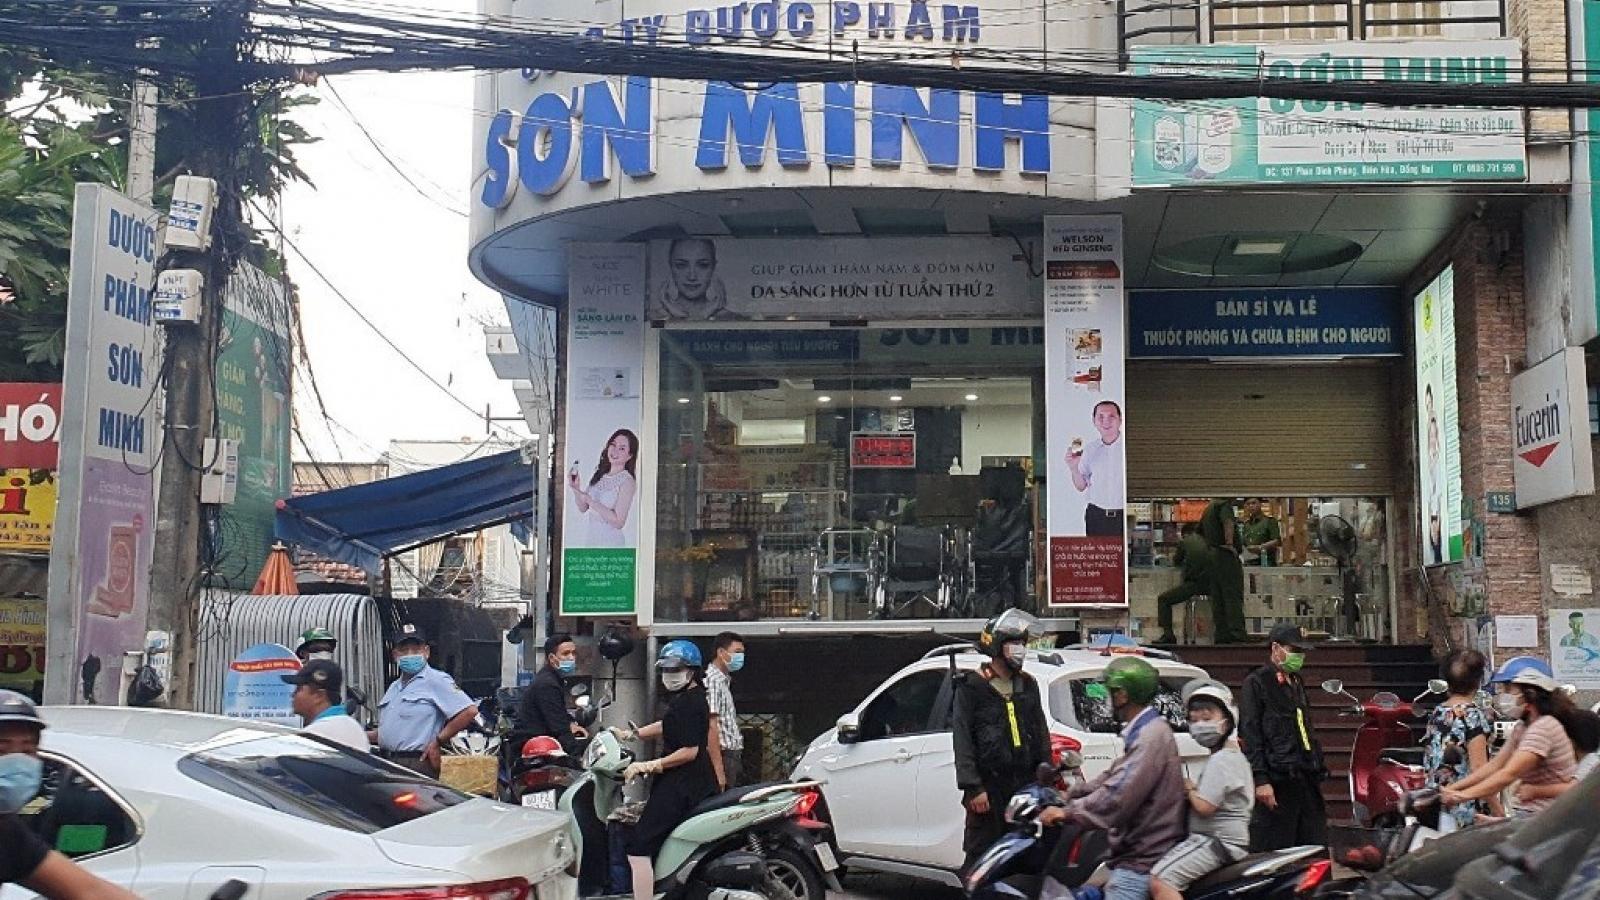 Số thuốc công an Đồng Nai tạm giữ lên đến 220 thùng trị giá 5 tỷ đồng